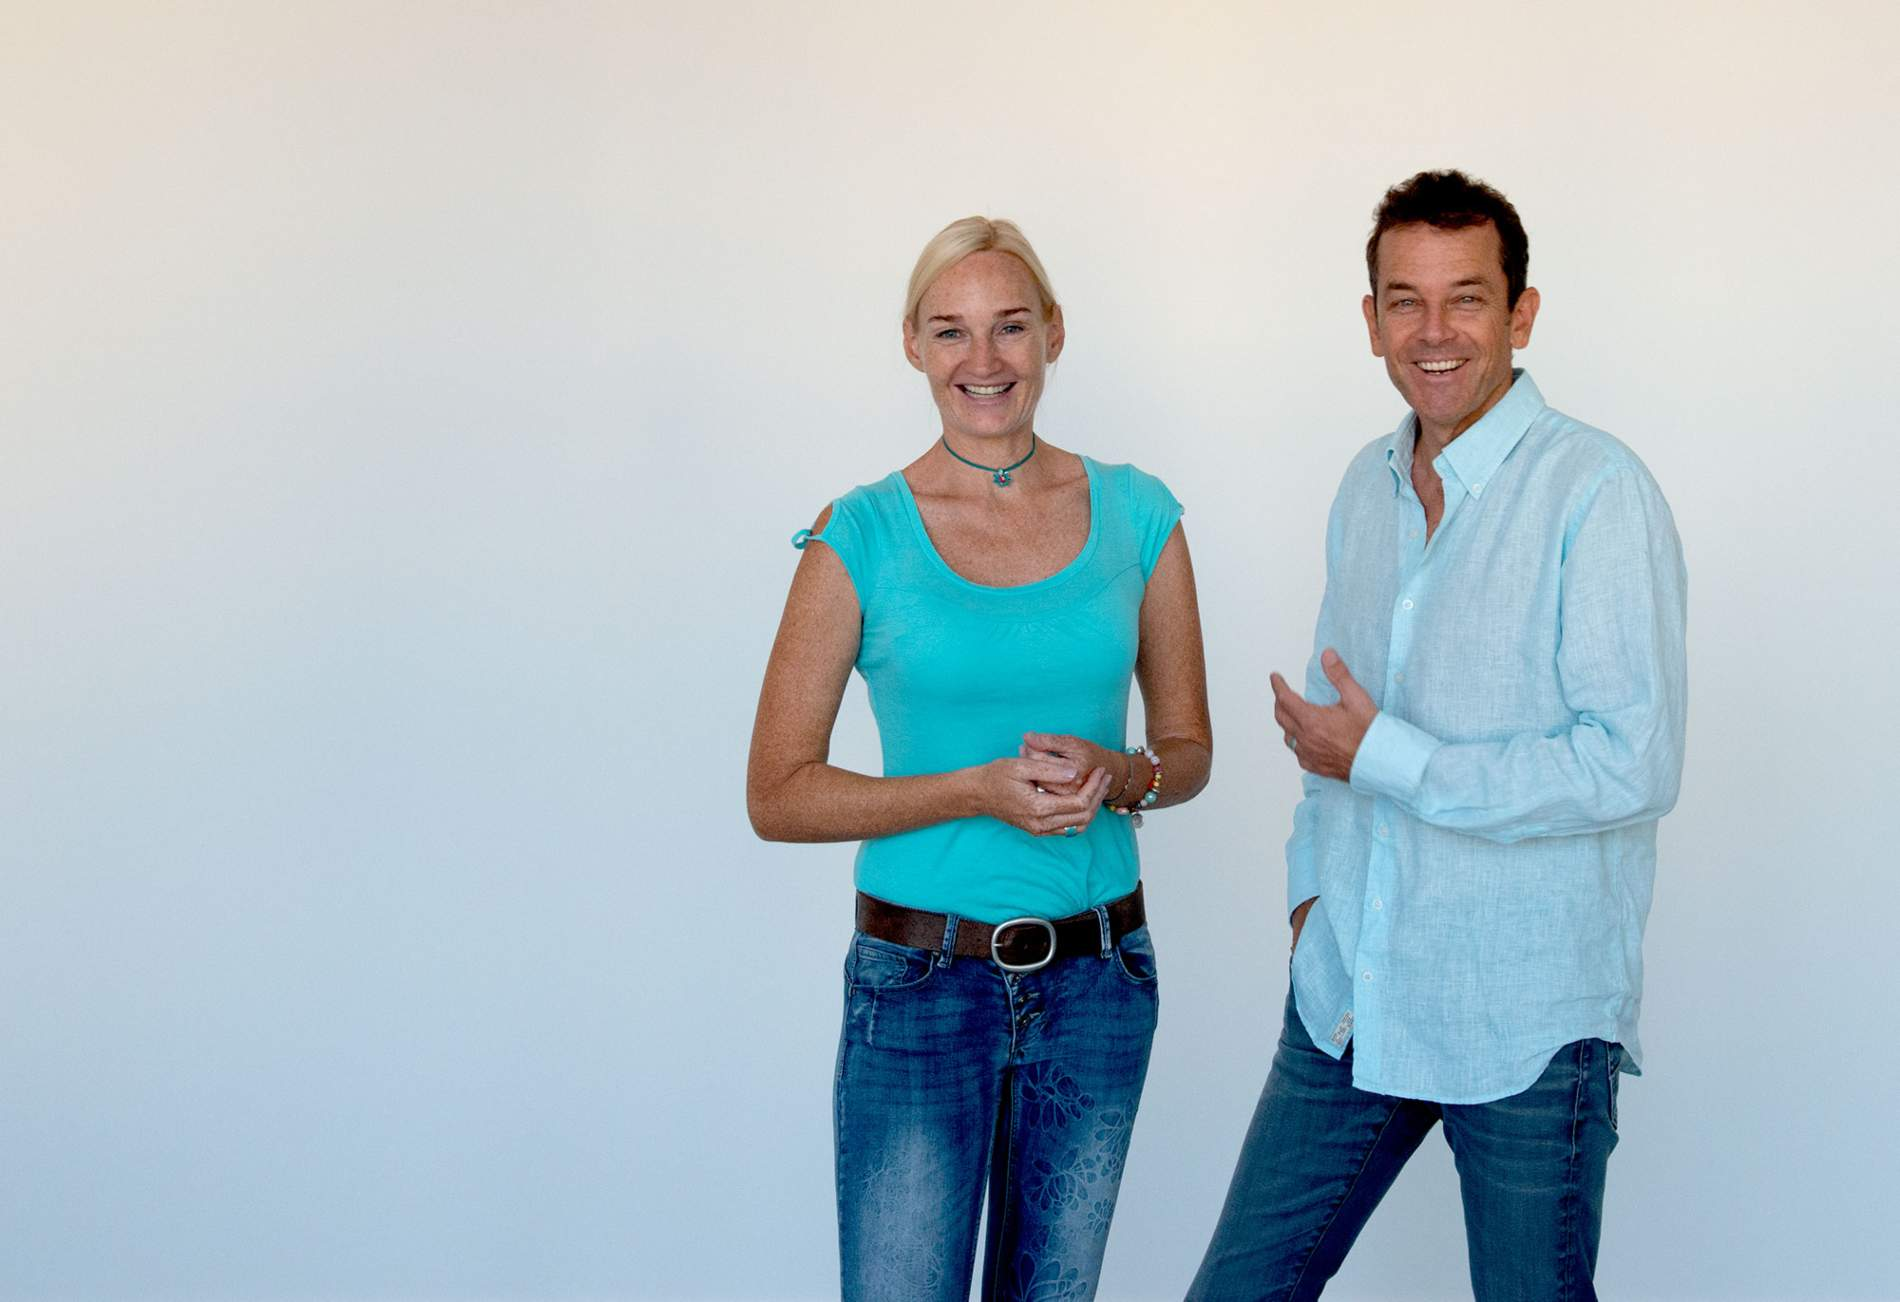 Bild Christina und Walter Hommelsheim Herz über Kopf